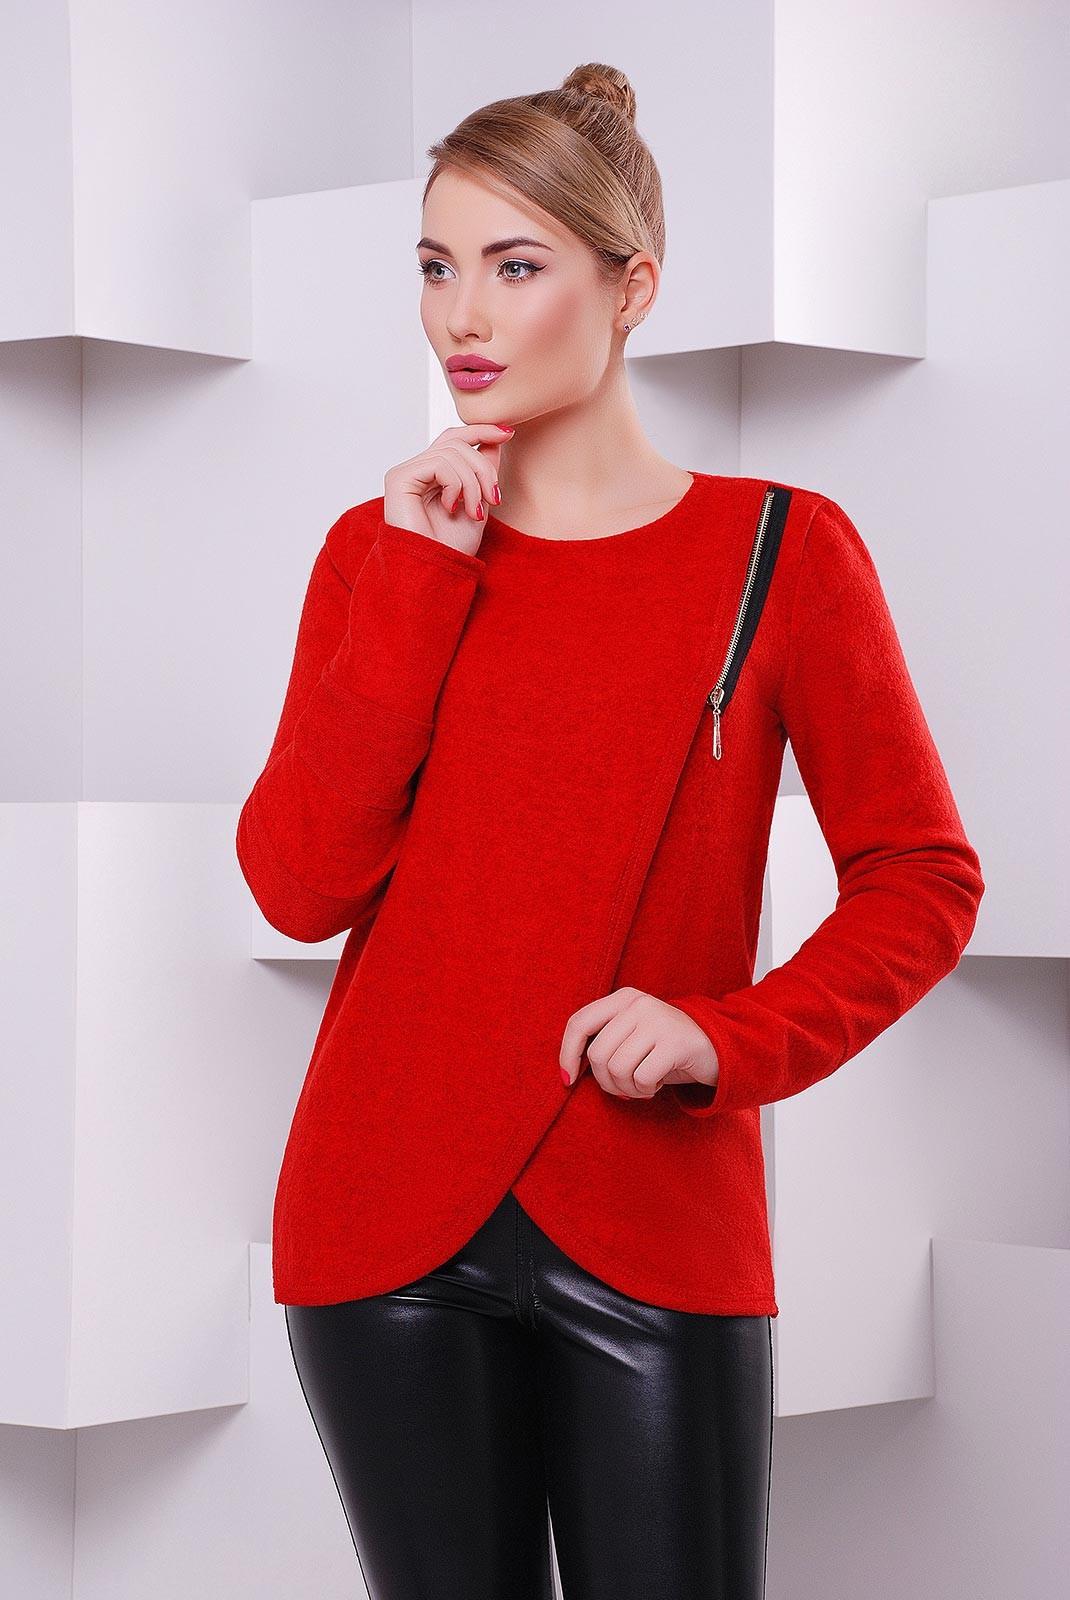 f5226912dec86f Красная женская кофта Milan из теплой ангоры с начесом - KF-1401E. Loading  zoom